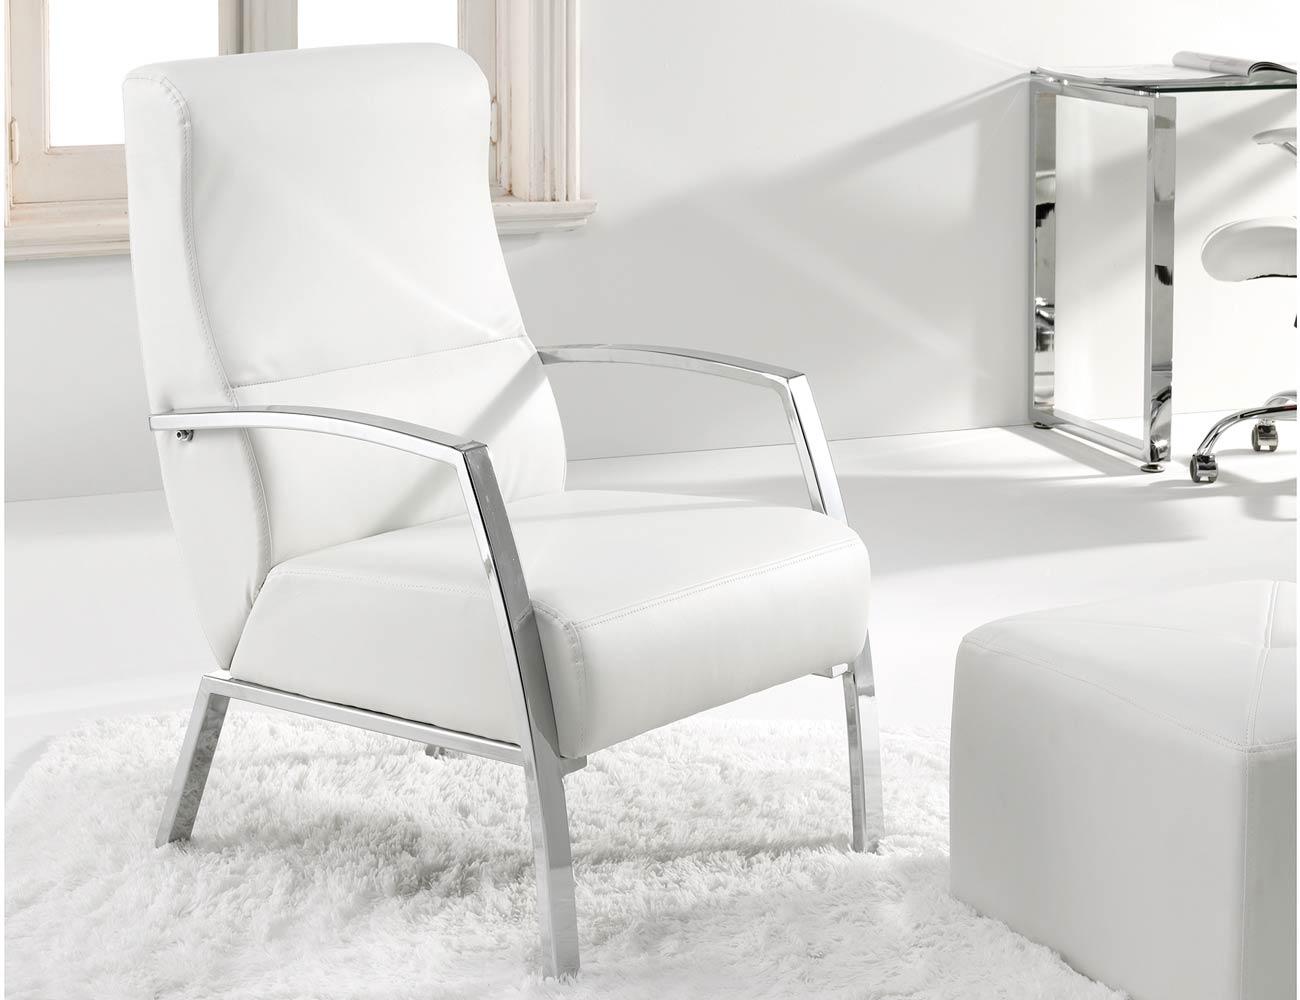 Butaca sillon espera simil piel blanco